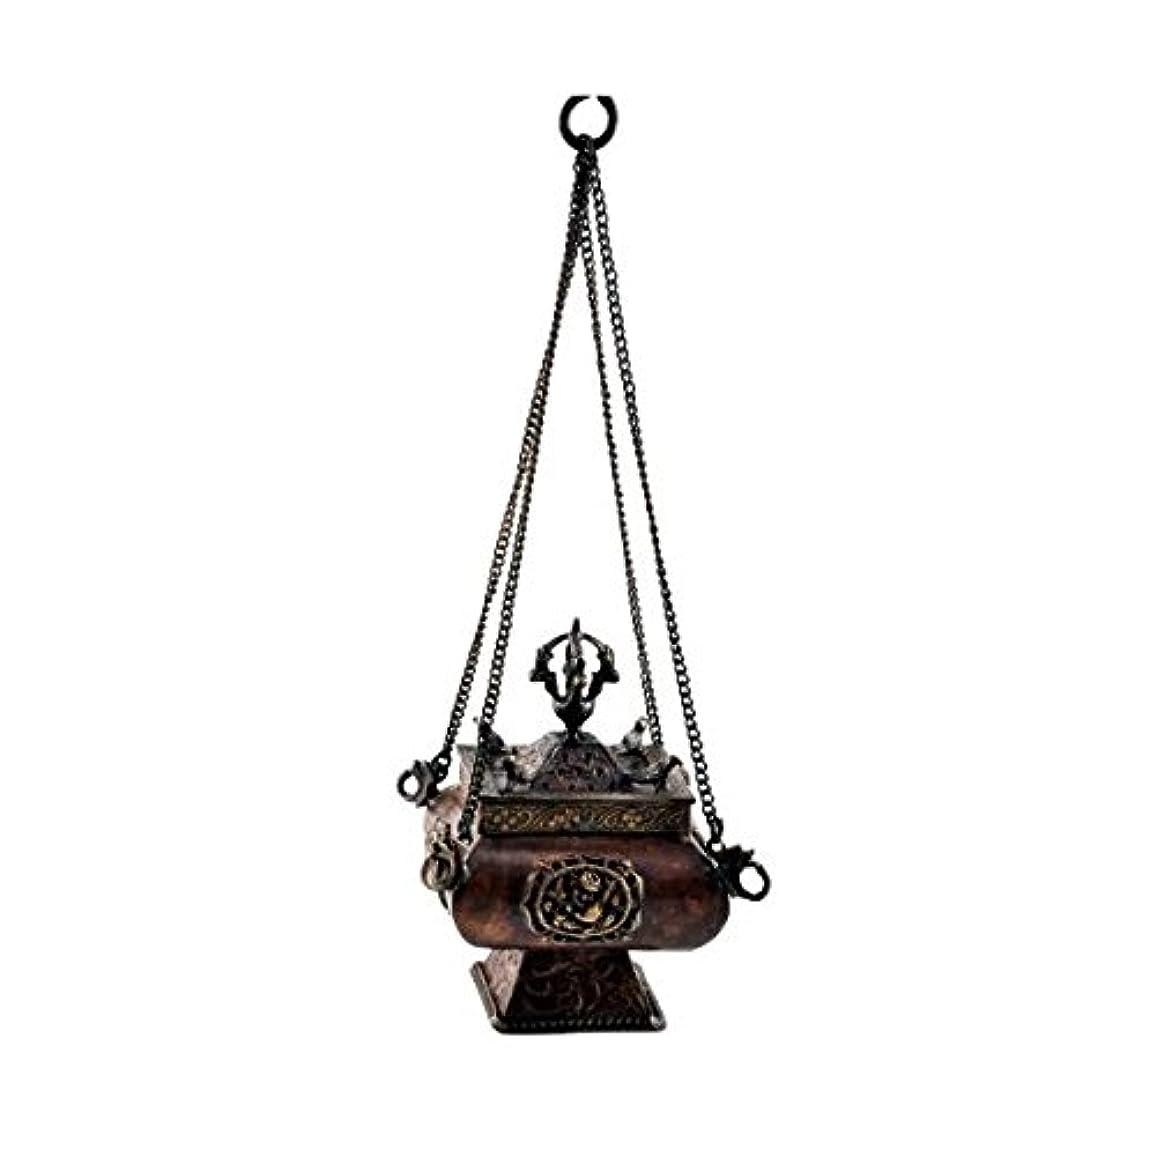 日常的に洞察力のある伝統プレミアム品質銅真鍮Hanging Incense Burner Incense Burner